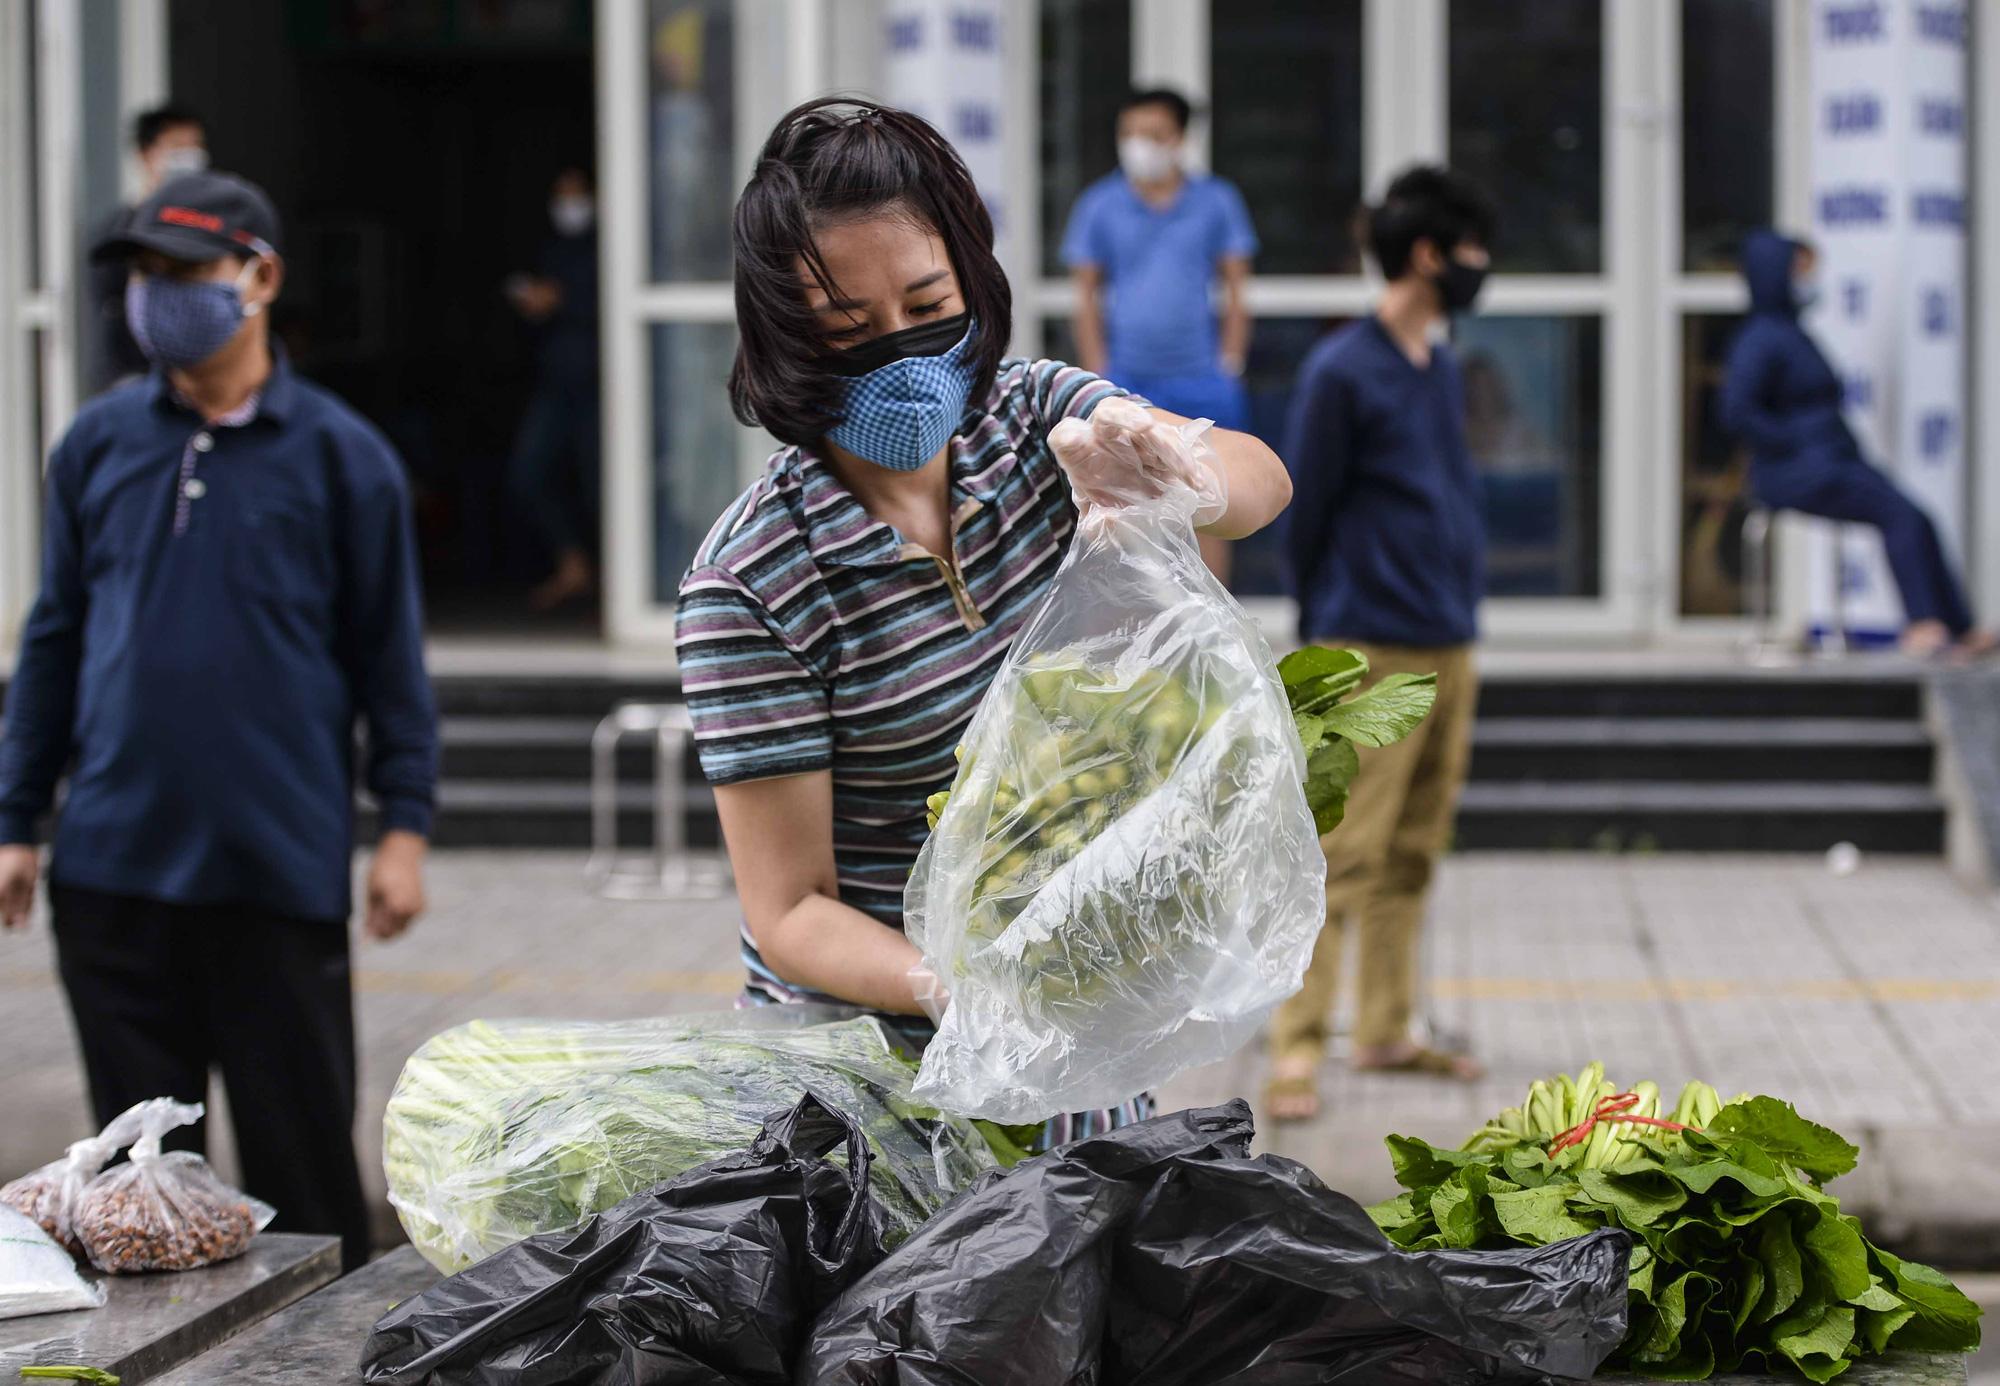 [Ảnh] Tiếp tế 350kg rau cho khu chung cư gần 1000 dân bị cách ly do có người mắc Covid-19 - Ảnh 8.